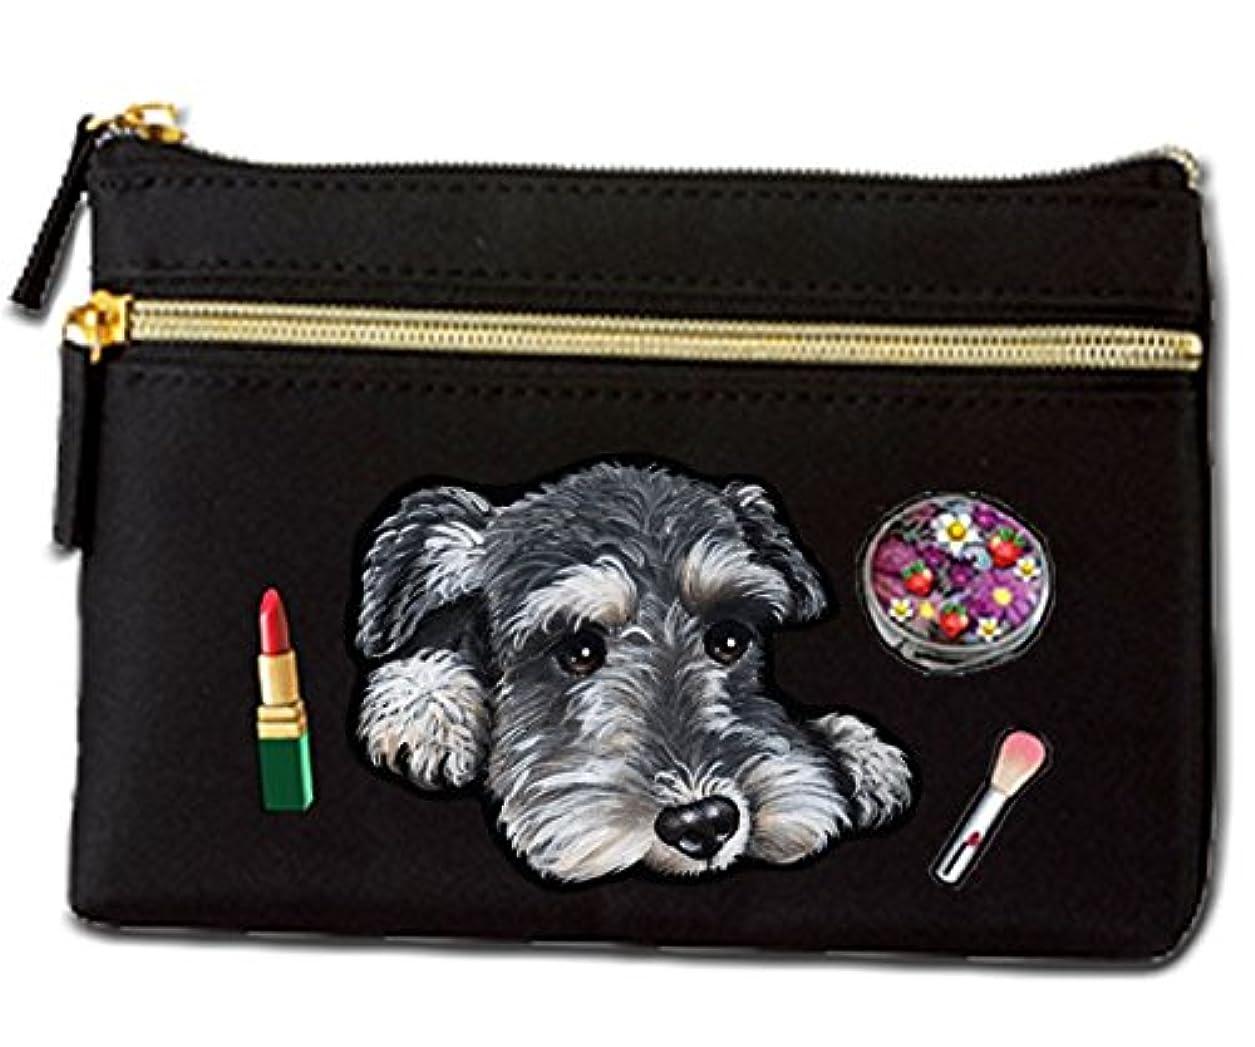 トランクライブラリシフト利点犬 ポーチ / シュナウザー10/ミニチュアシュナウザー/雑貨/グッズ/オリジナル